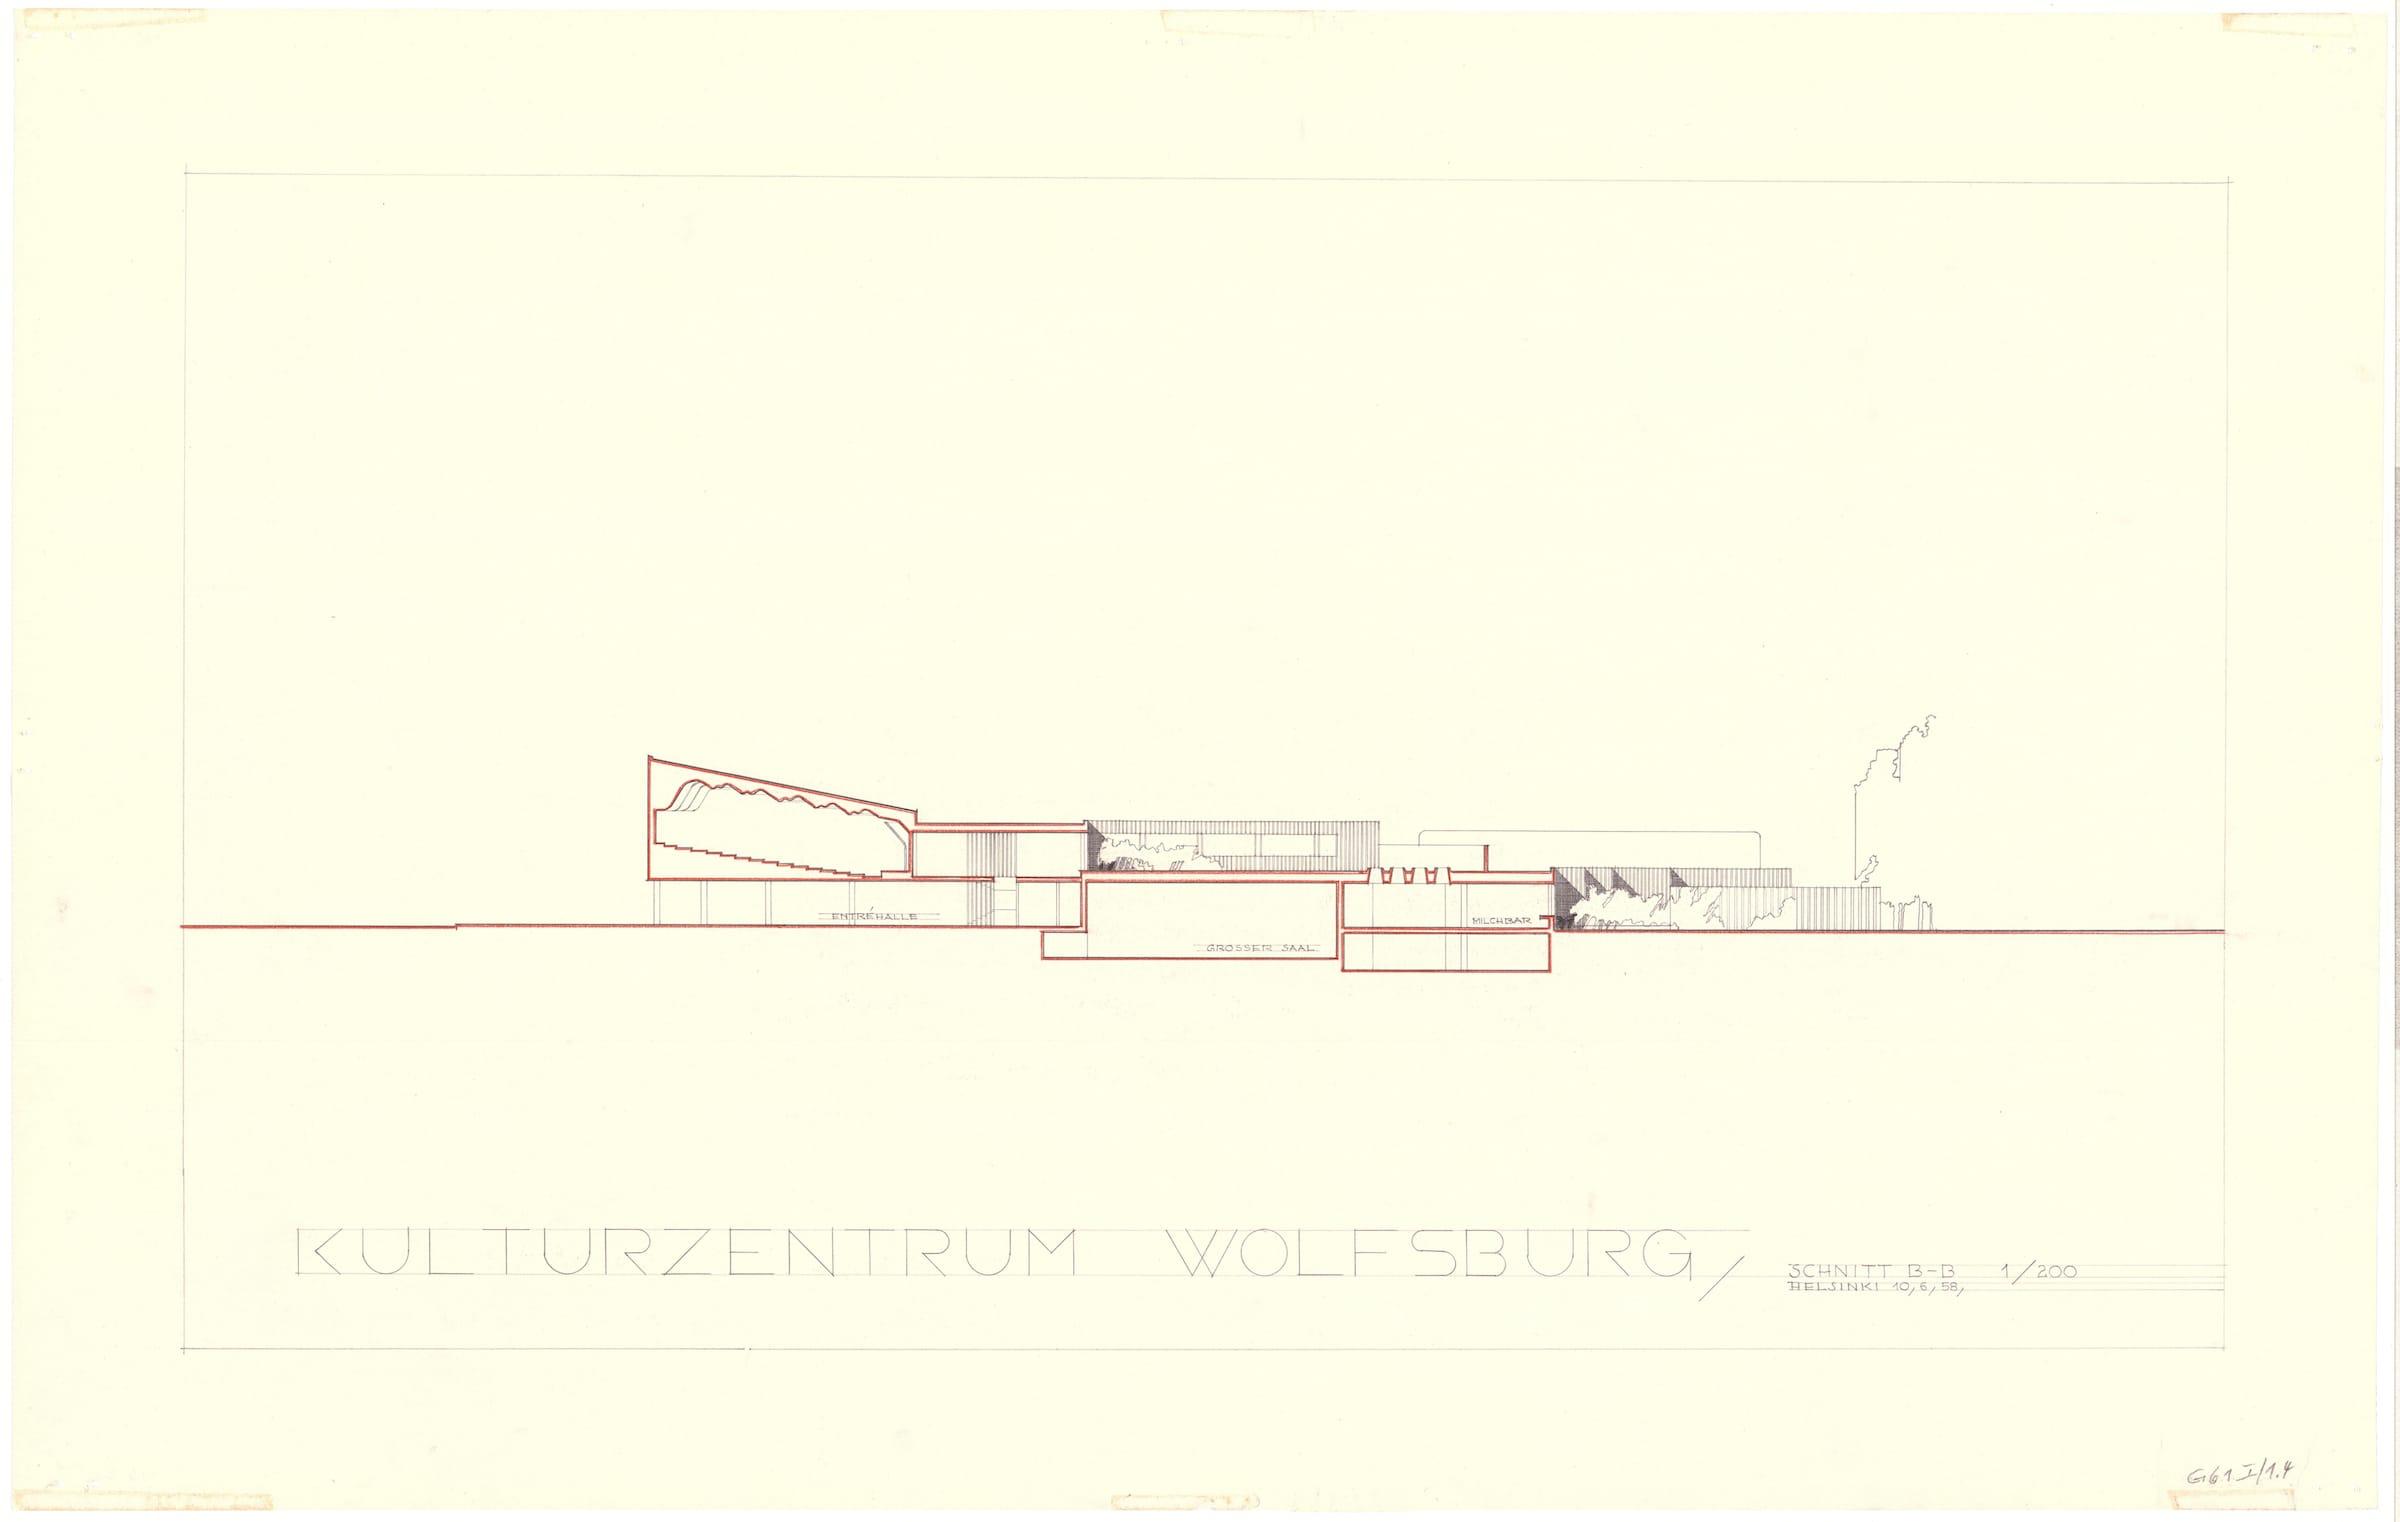 SAIB G061 I1 4 Kulturzentrum Wolfsburg Aalto